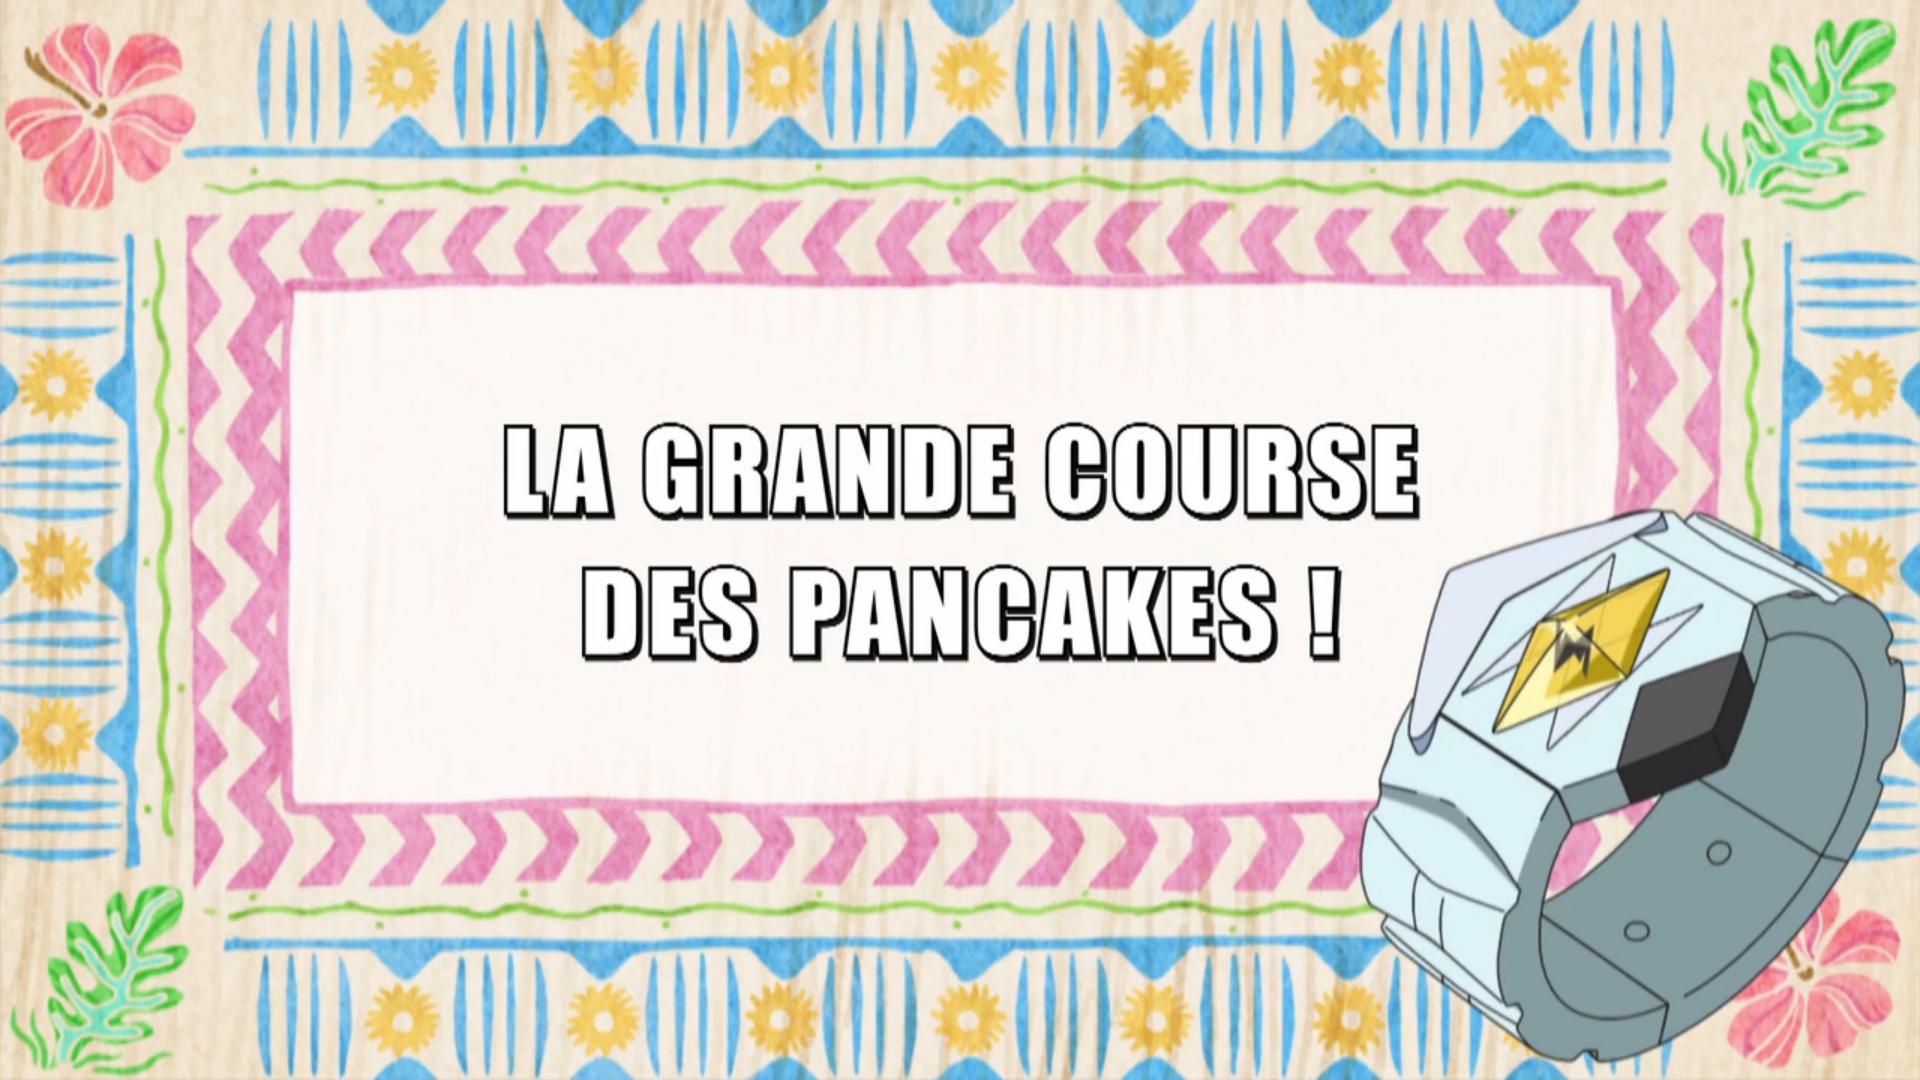 Pokémon - 20x13 - La grande course des pancakes !